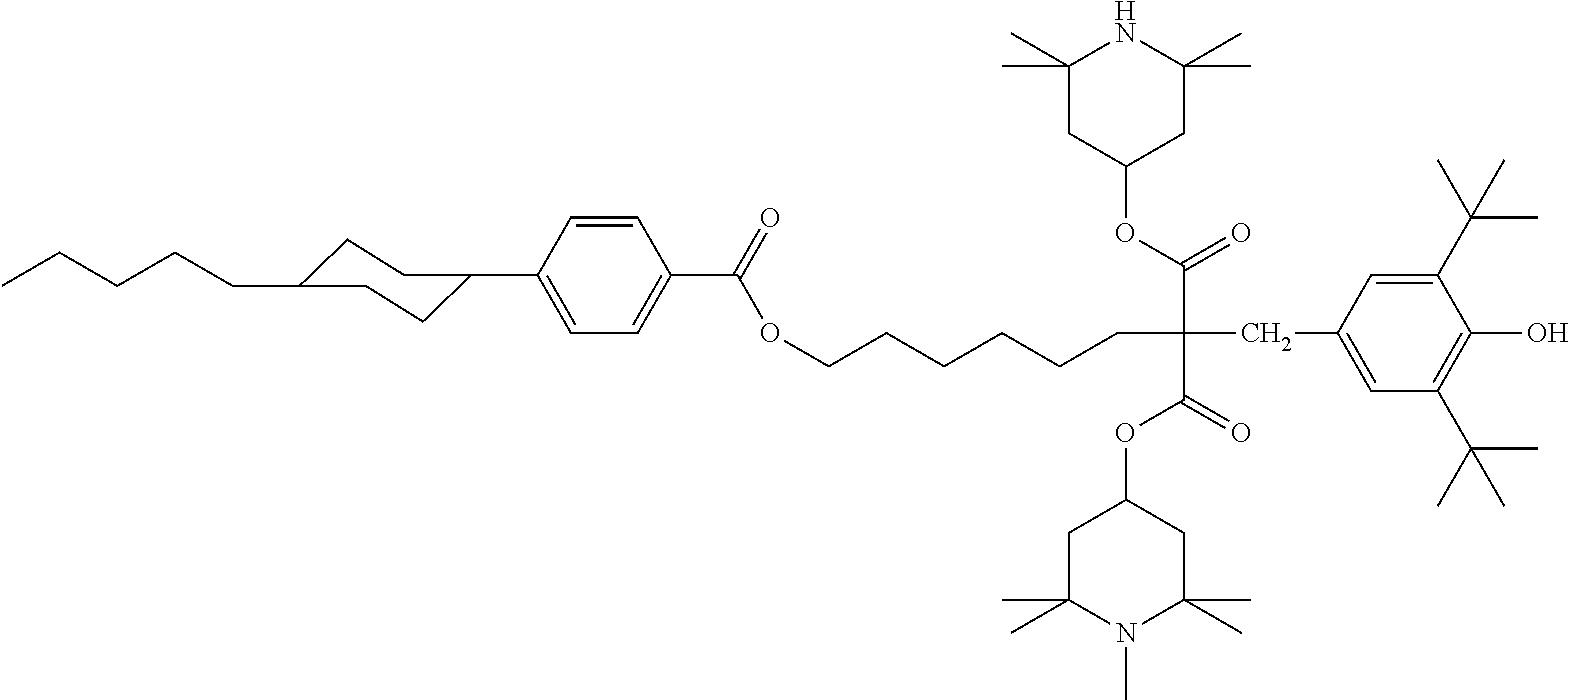 Figure US08431039-20130430-C00038